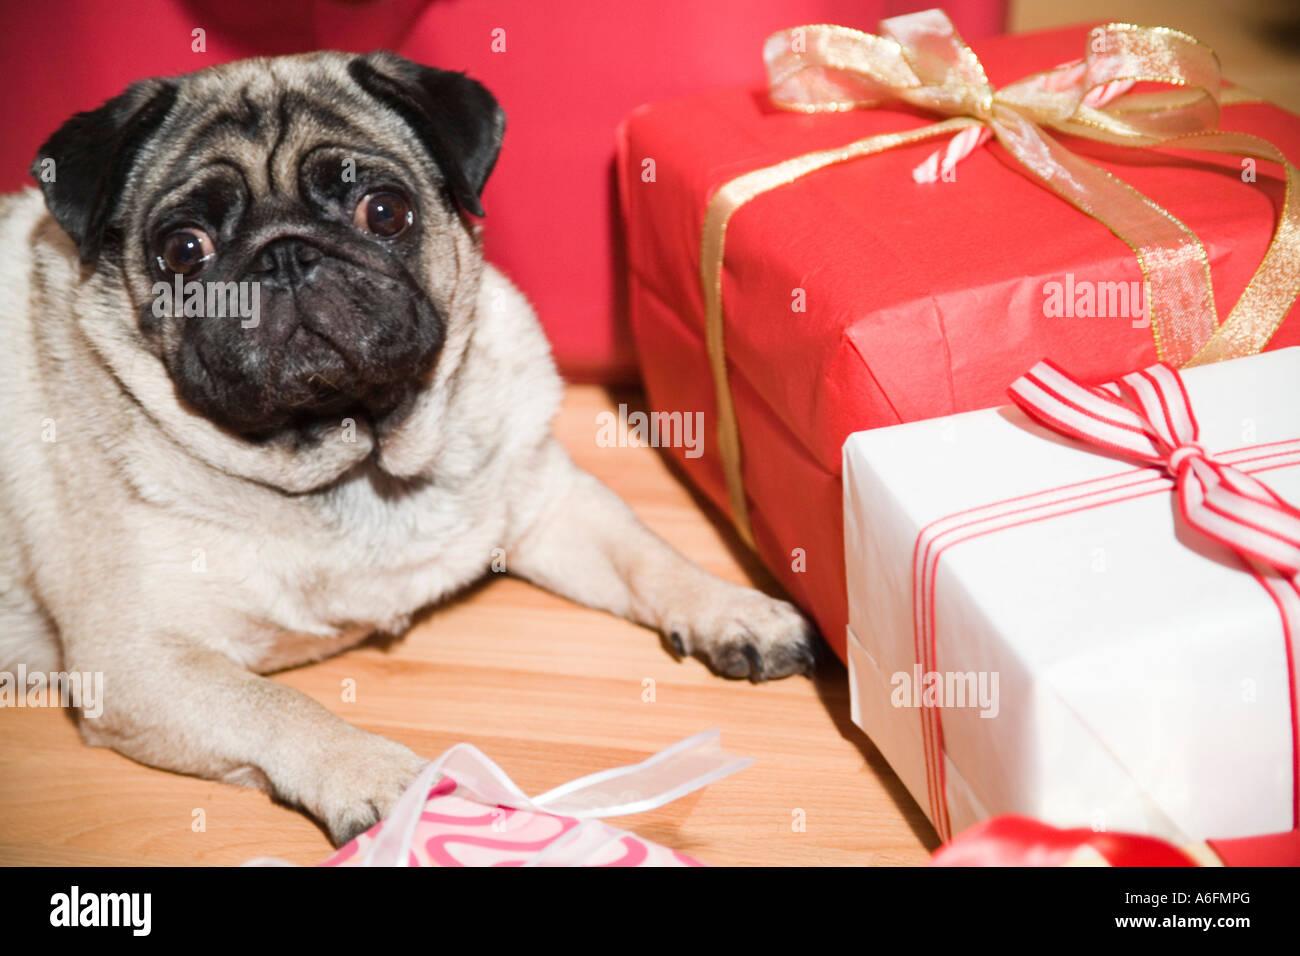 Hund mit Weihnachten Geschenke Hunderasse Mops Stockfoto, Bild ...